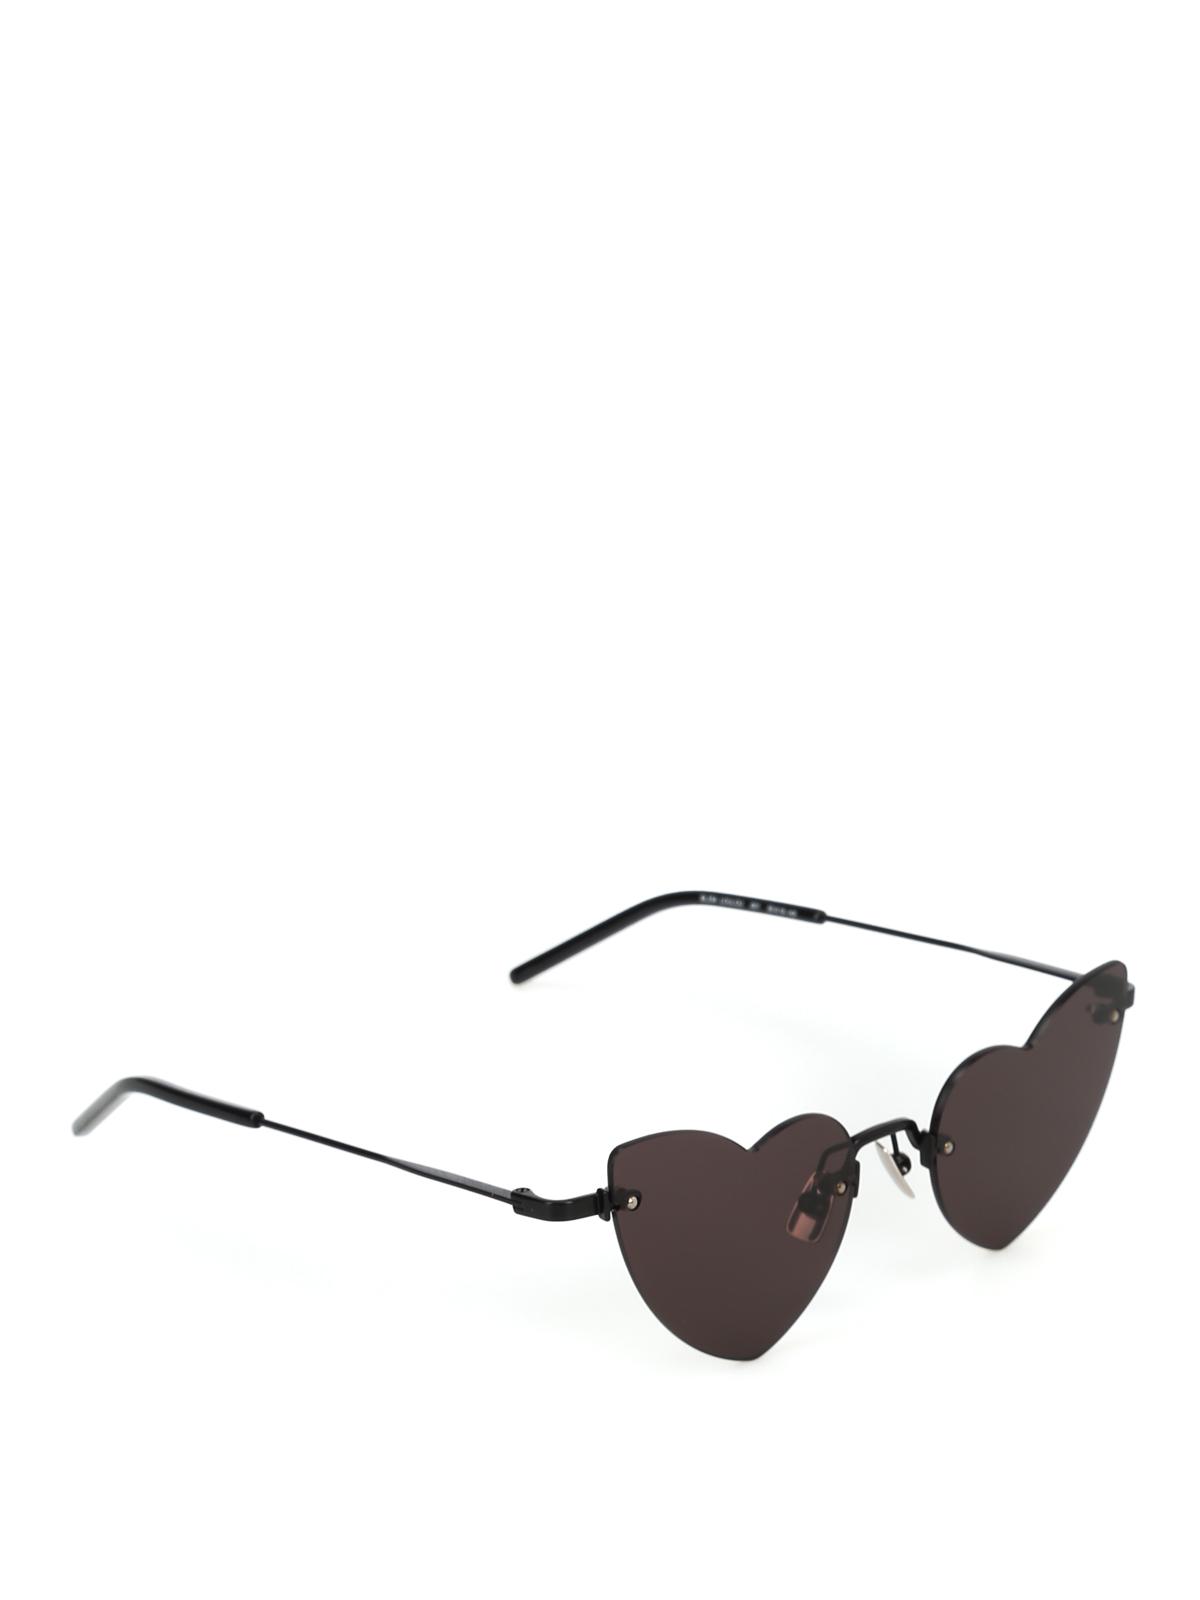 d4aec4f8bccf1 Saint Laurent Loulou Sunglasses Sale